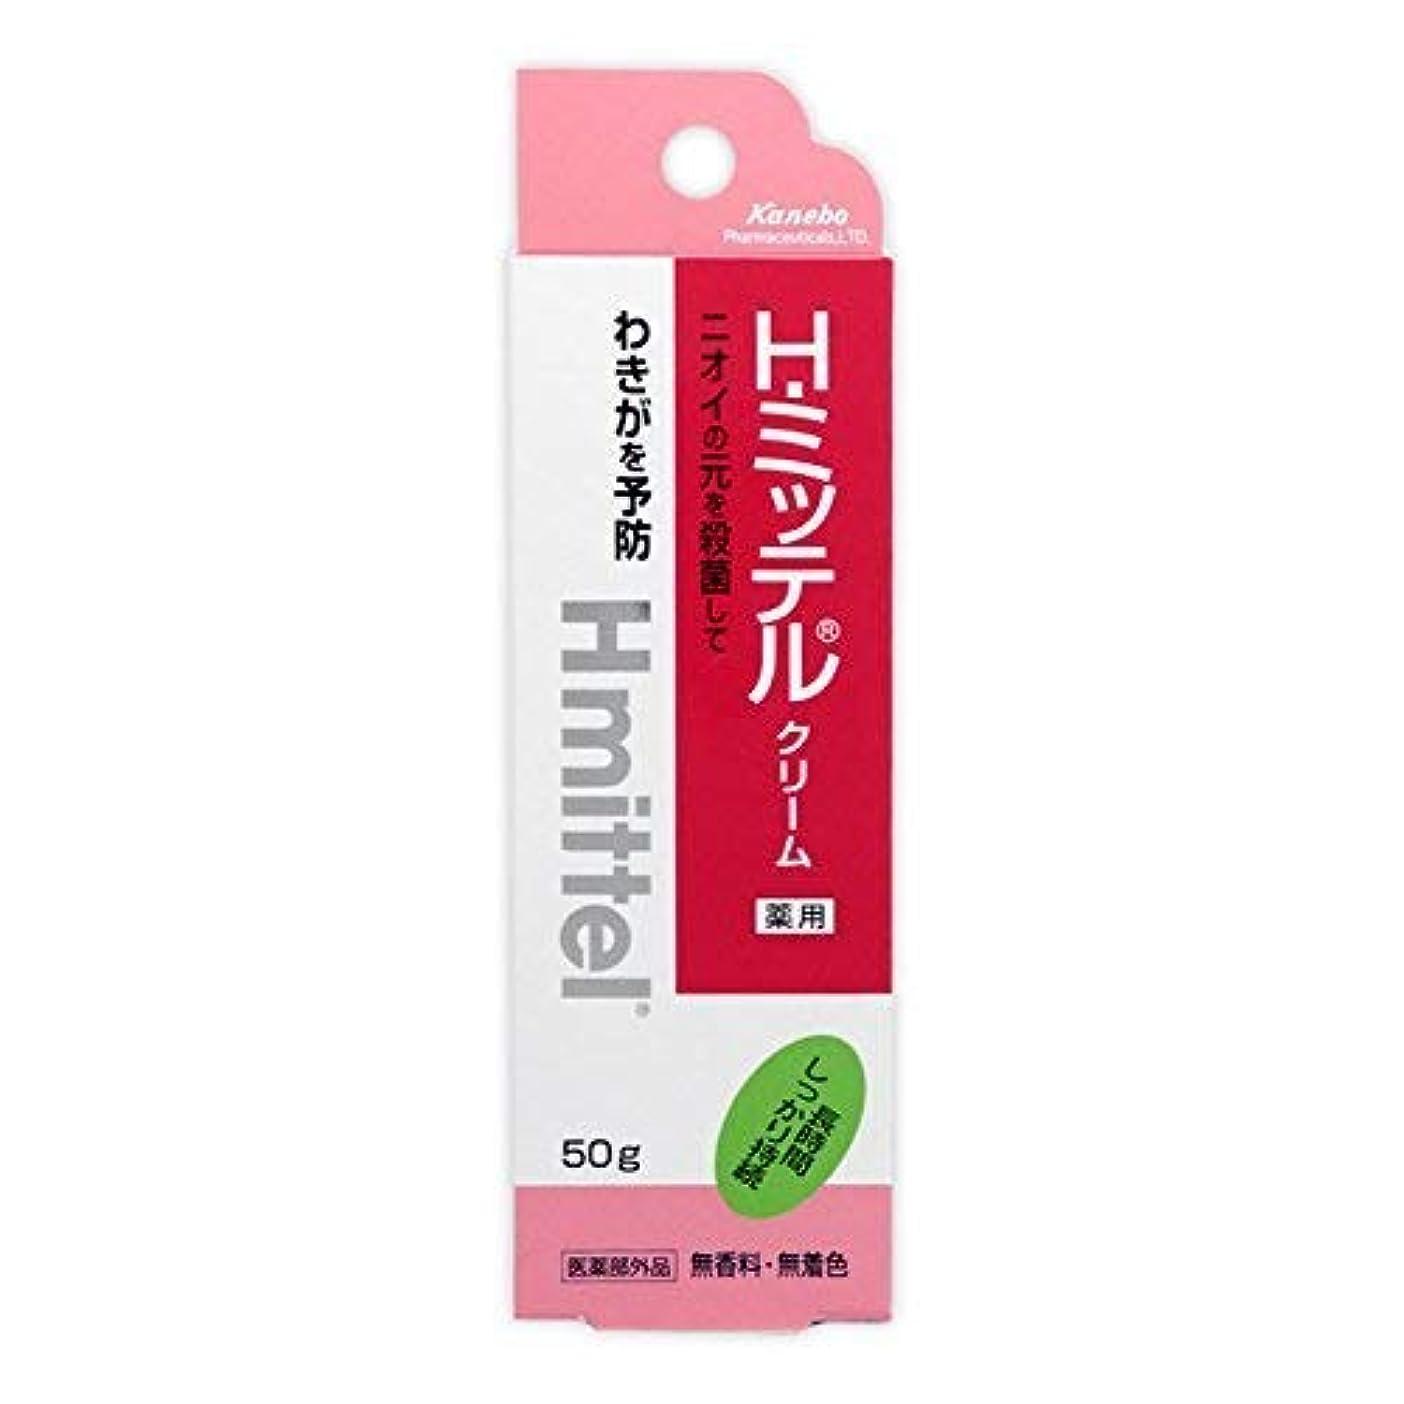 鎮静剤うんパブ【クラシエ薬品】H?ミッテルクリーム 50g ×5個セット